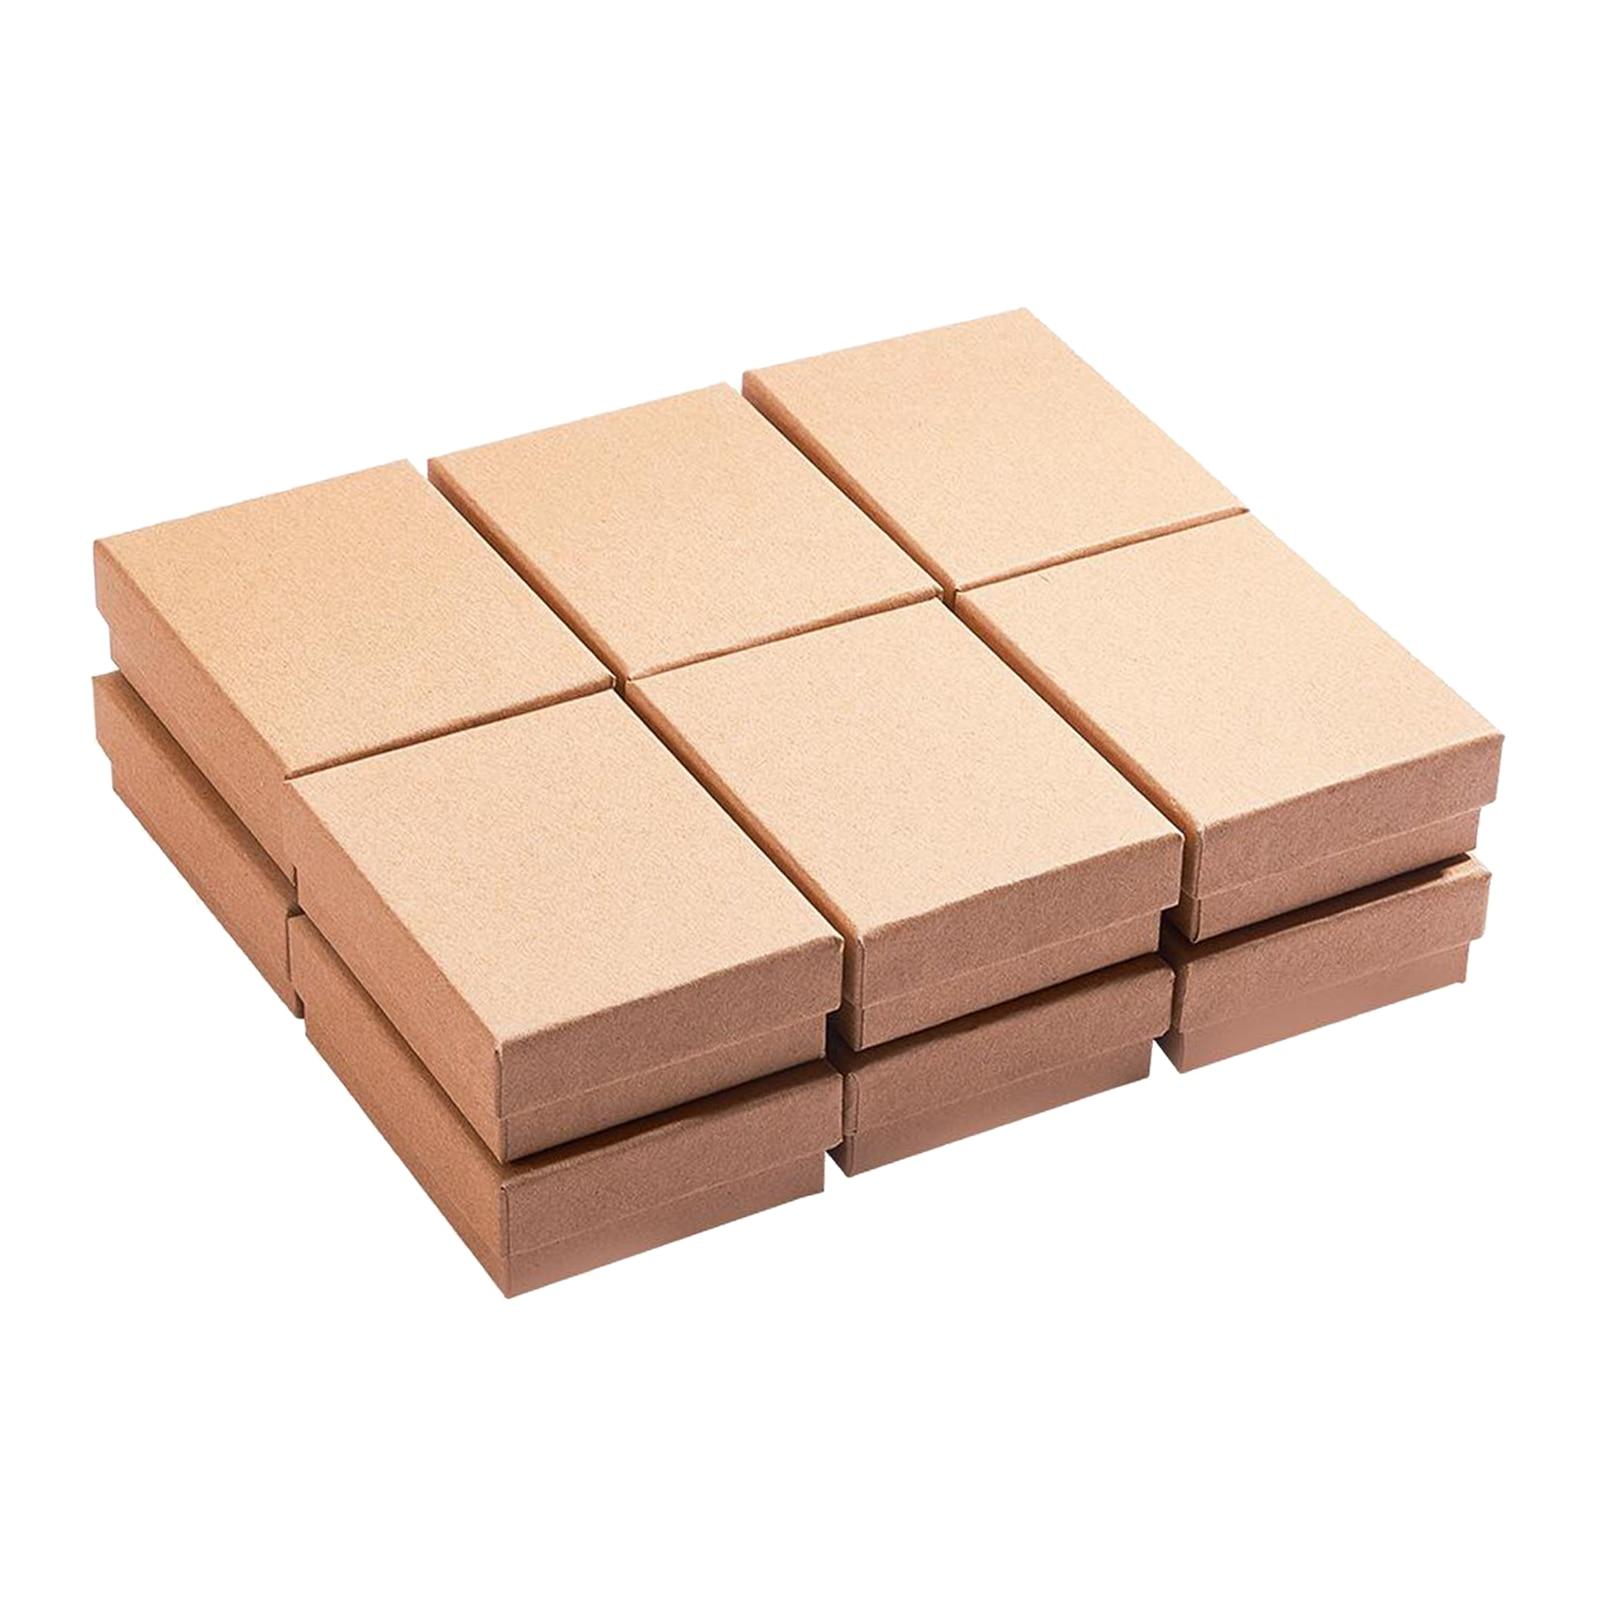 Набор-из-12-классический-Бумага-Цепочки-и-ожерелья-цепи-Дисплей-чехол-для-хранения-ювелирных-изделий-Подарочная-коробка-35x28x12-дюйм-ов